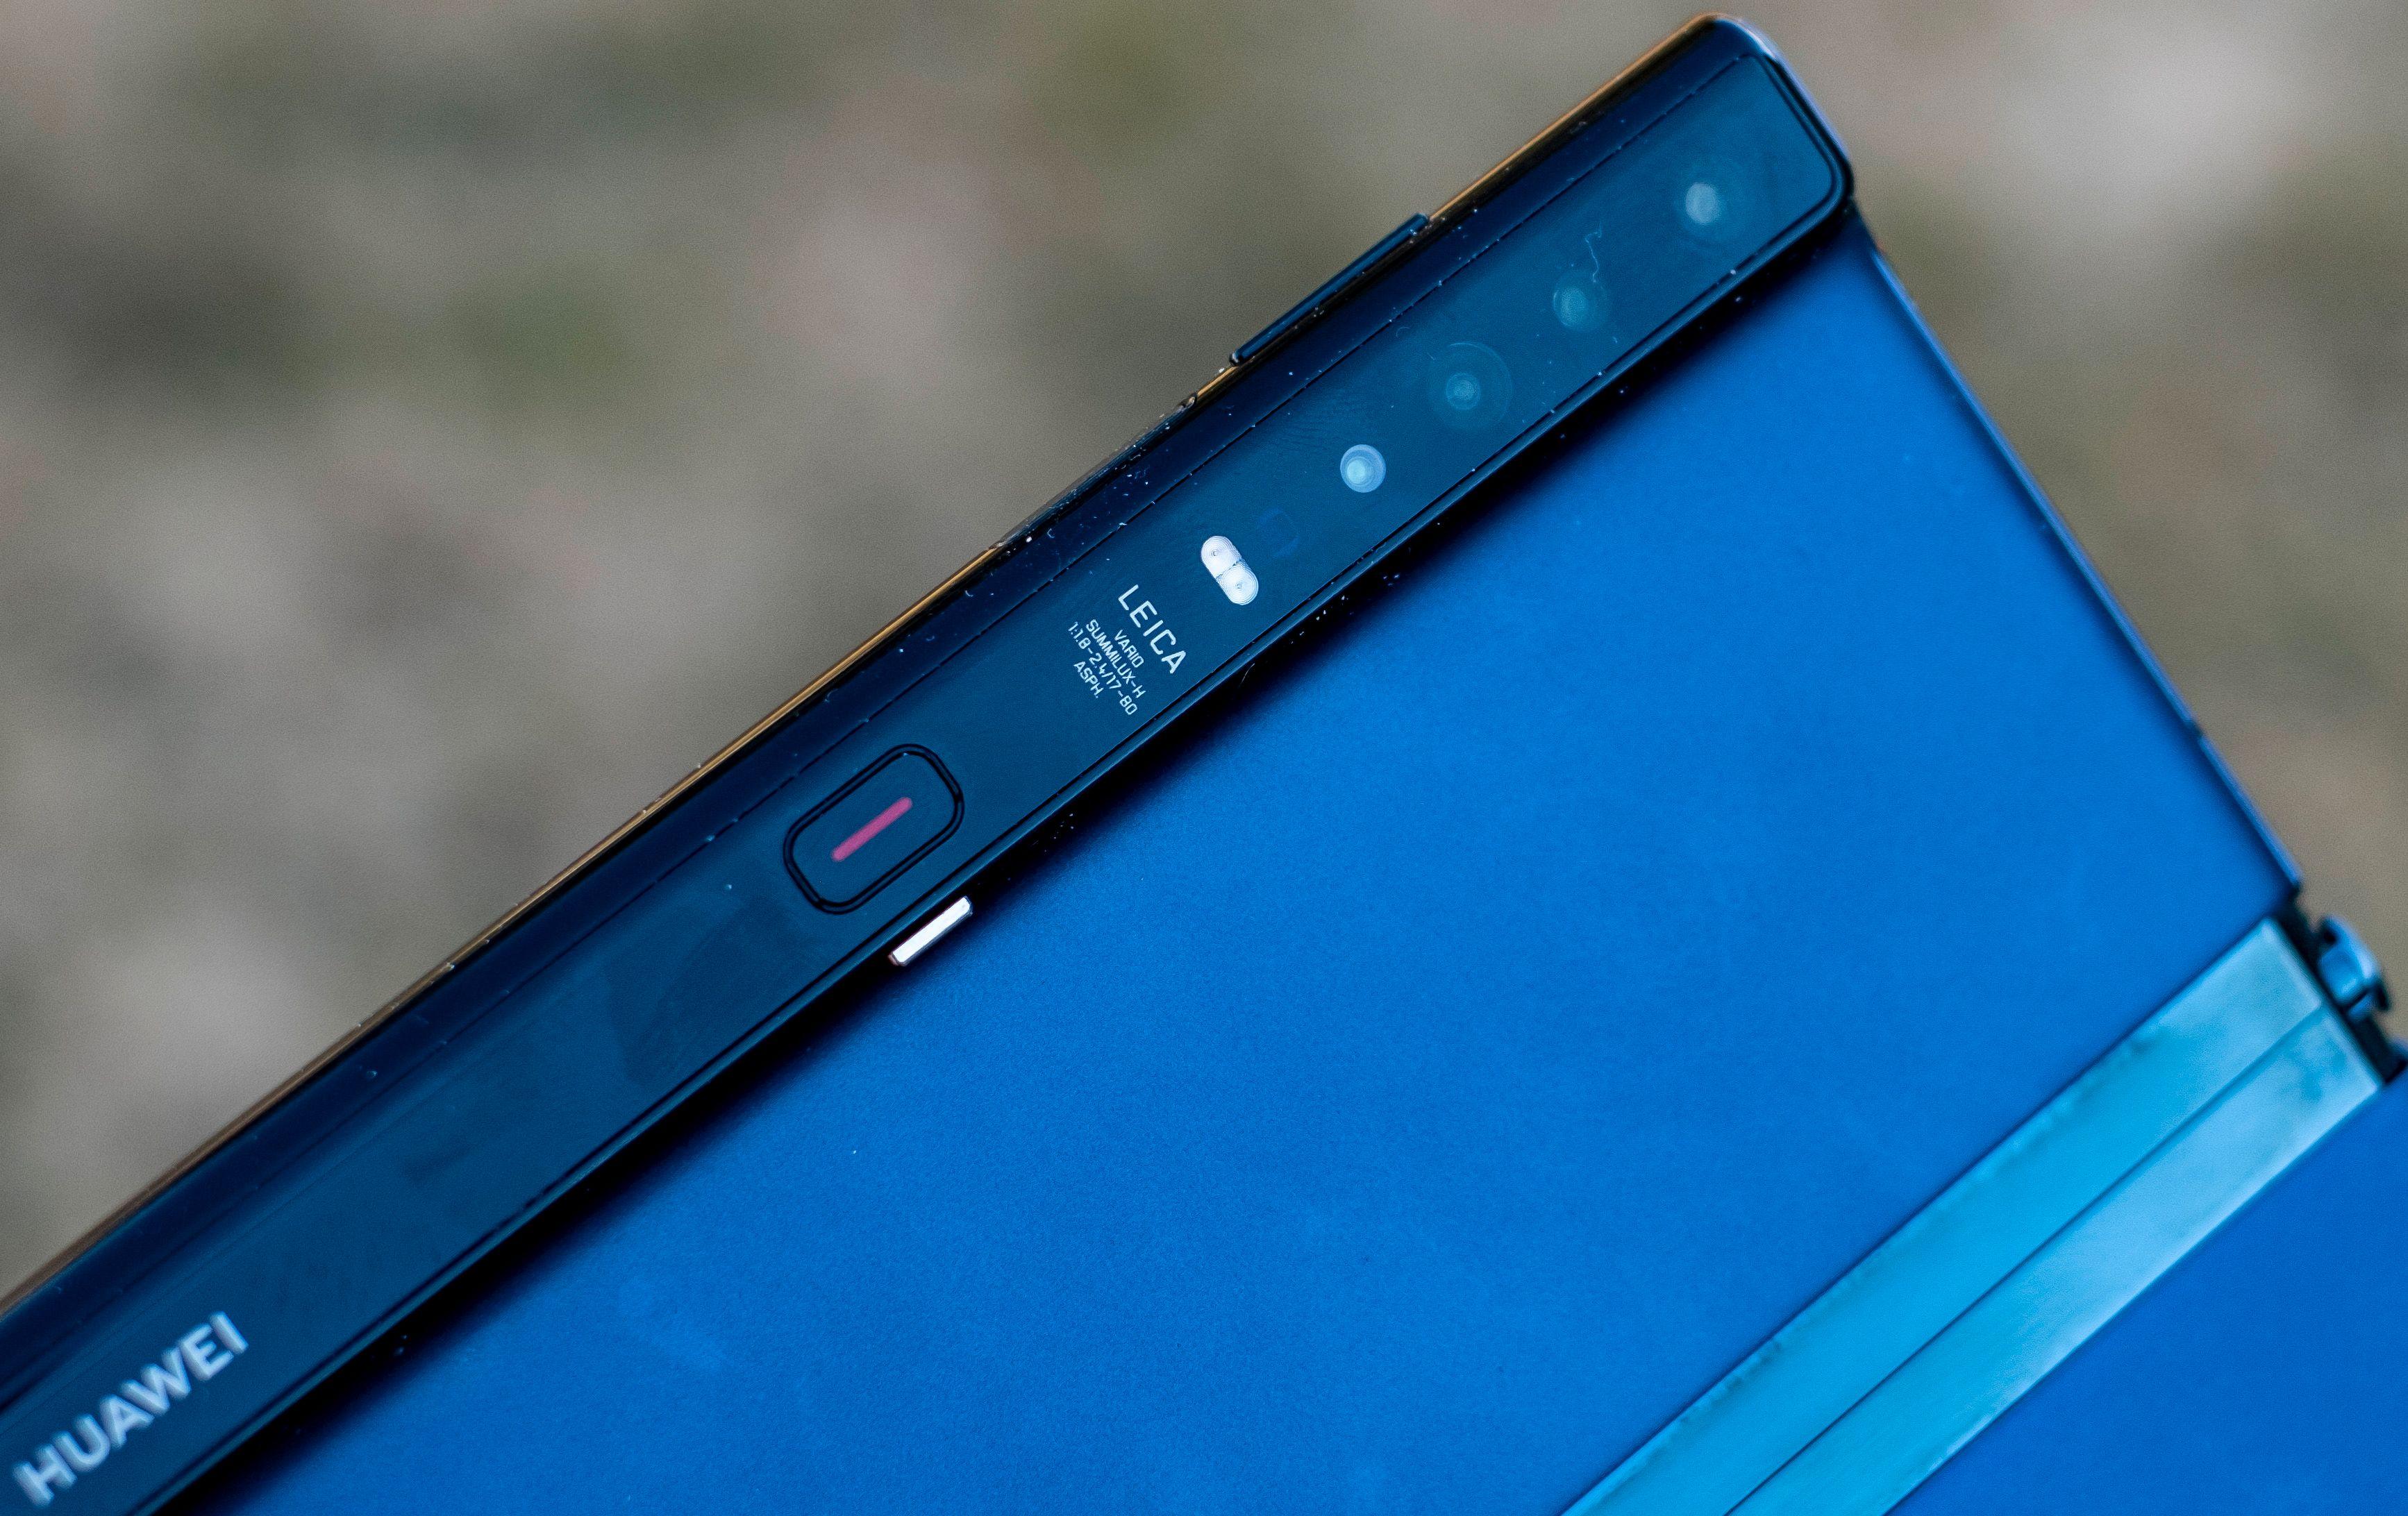 Vi er vant til at Huawei setter standarden med mobilkameraene sine. Slik sett er Mate Xs utradisjonell – den har et ålreit kameraoppsett, men er et lite stykke unna å være best.